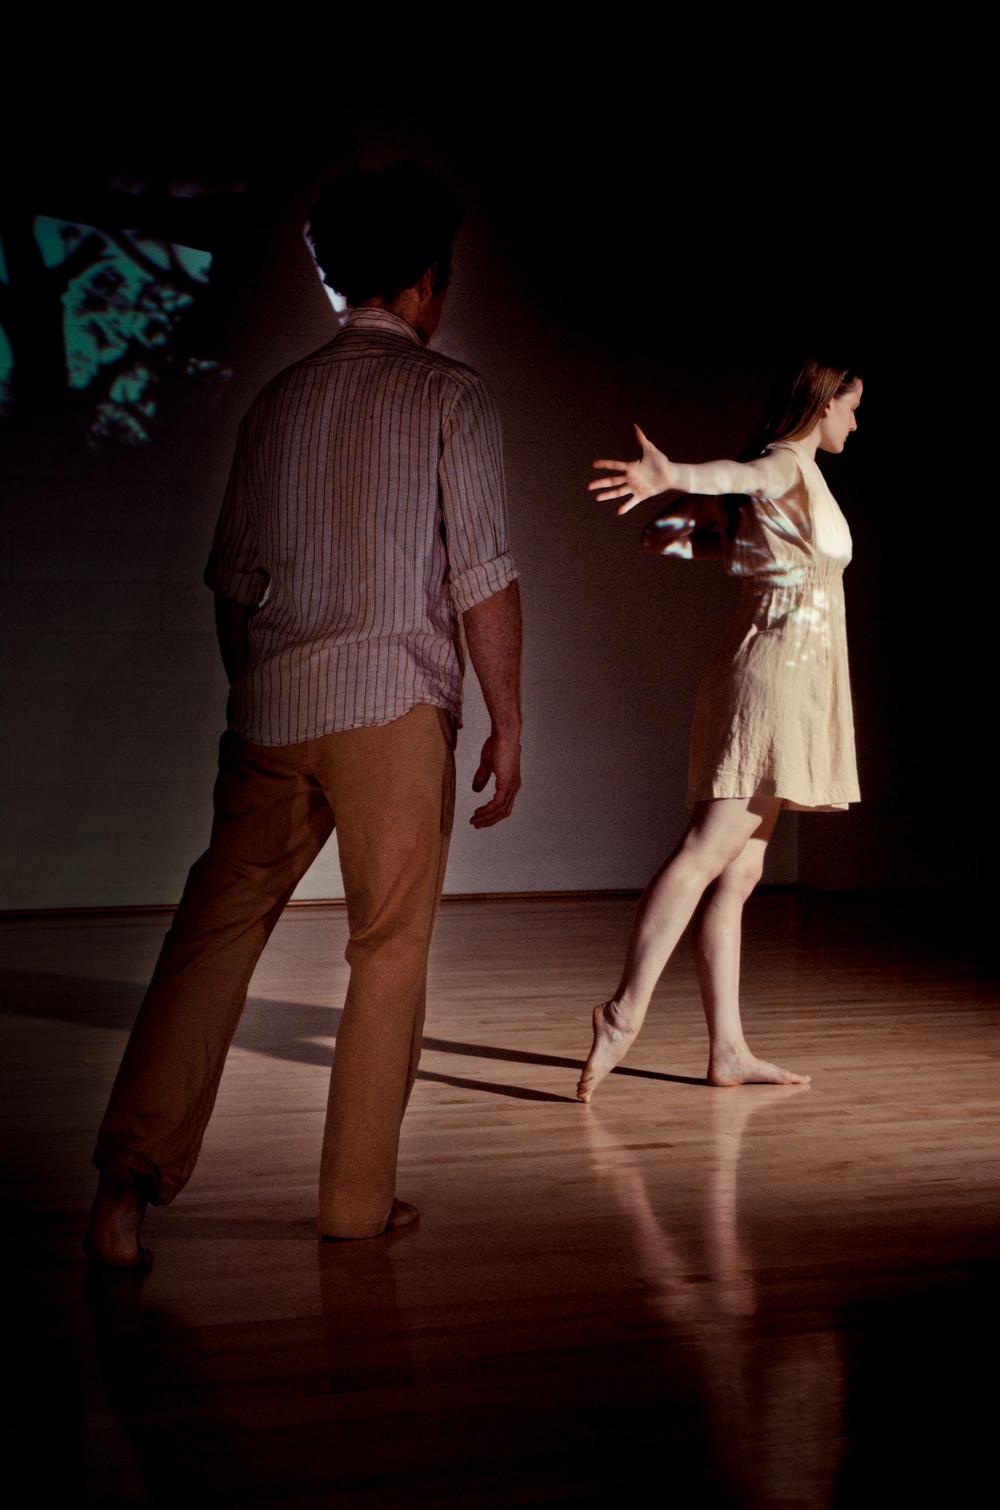 Dancers-2.jpg